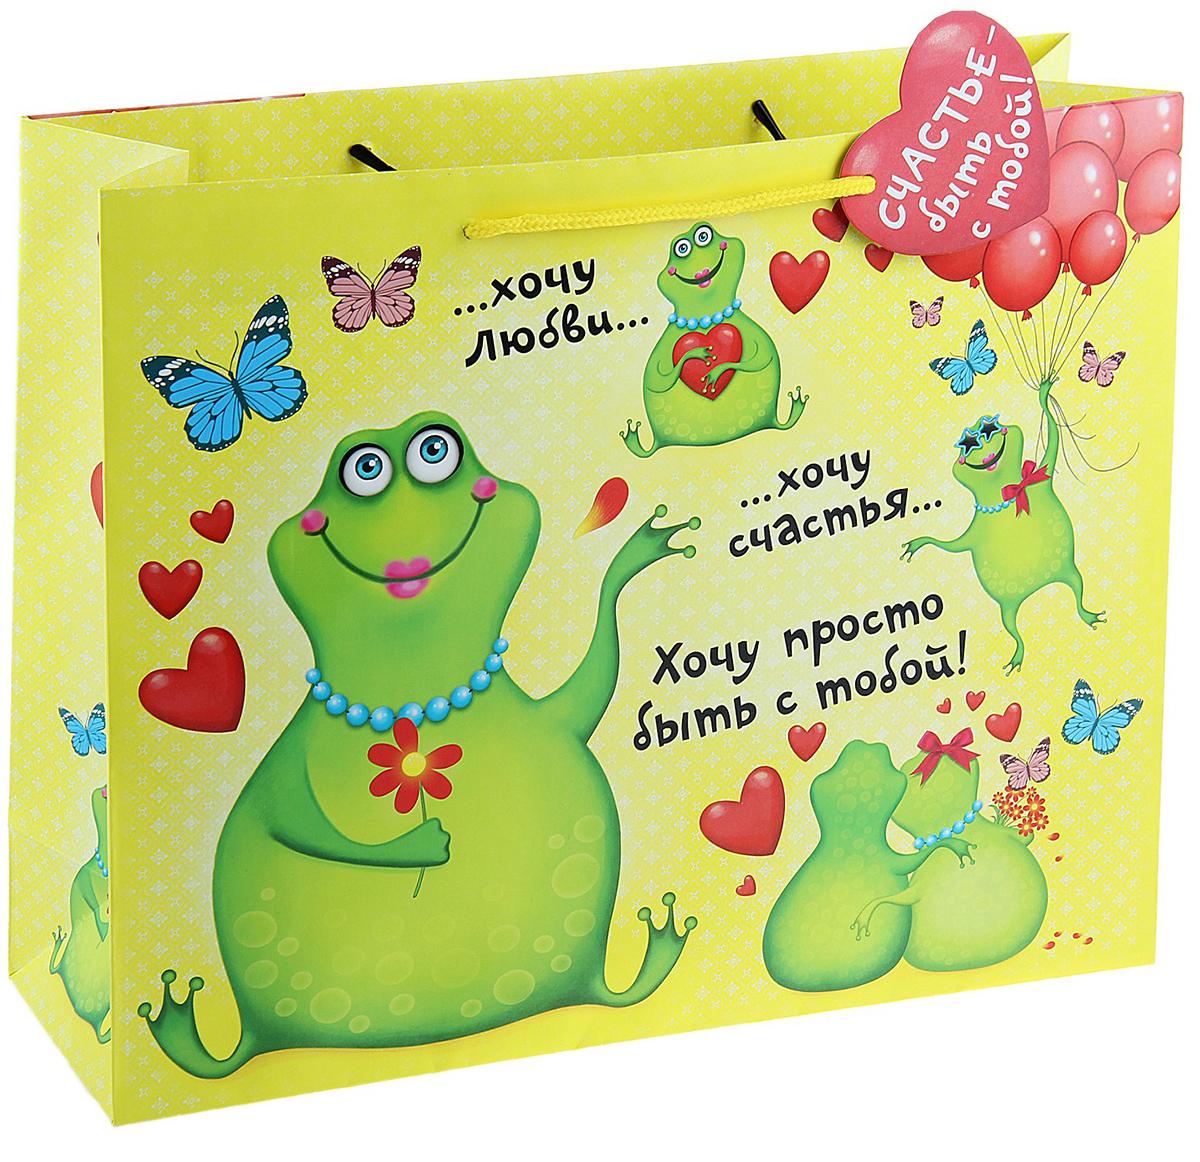 Пакет подарочный Дарите Счастье Без ума от тебя, цвет: мультиколор, 44,5 х 35 см. 765347765347Ламинированные бумажные пакеты - лидеры по популярности среди подарочной упаковки. Для этого есть несколько причин:Красота - ламинированные пакеты выглядят ярко и эффектно. Прочность - он способен выдержать до 10 кг. Надежность - благодаря качественной печати рисунок не сотрется и не выгорит. Широкий выбор ламинированных пакетов позволит найти упаковку для подарка для любого повода.